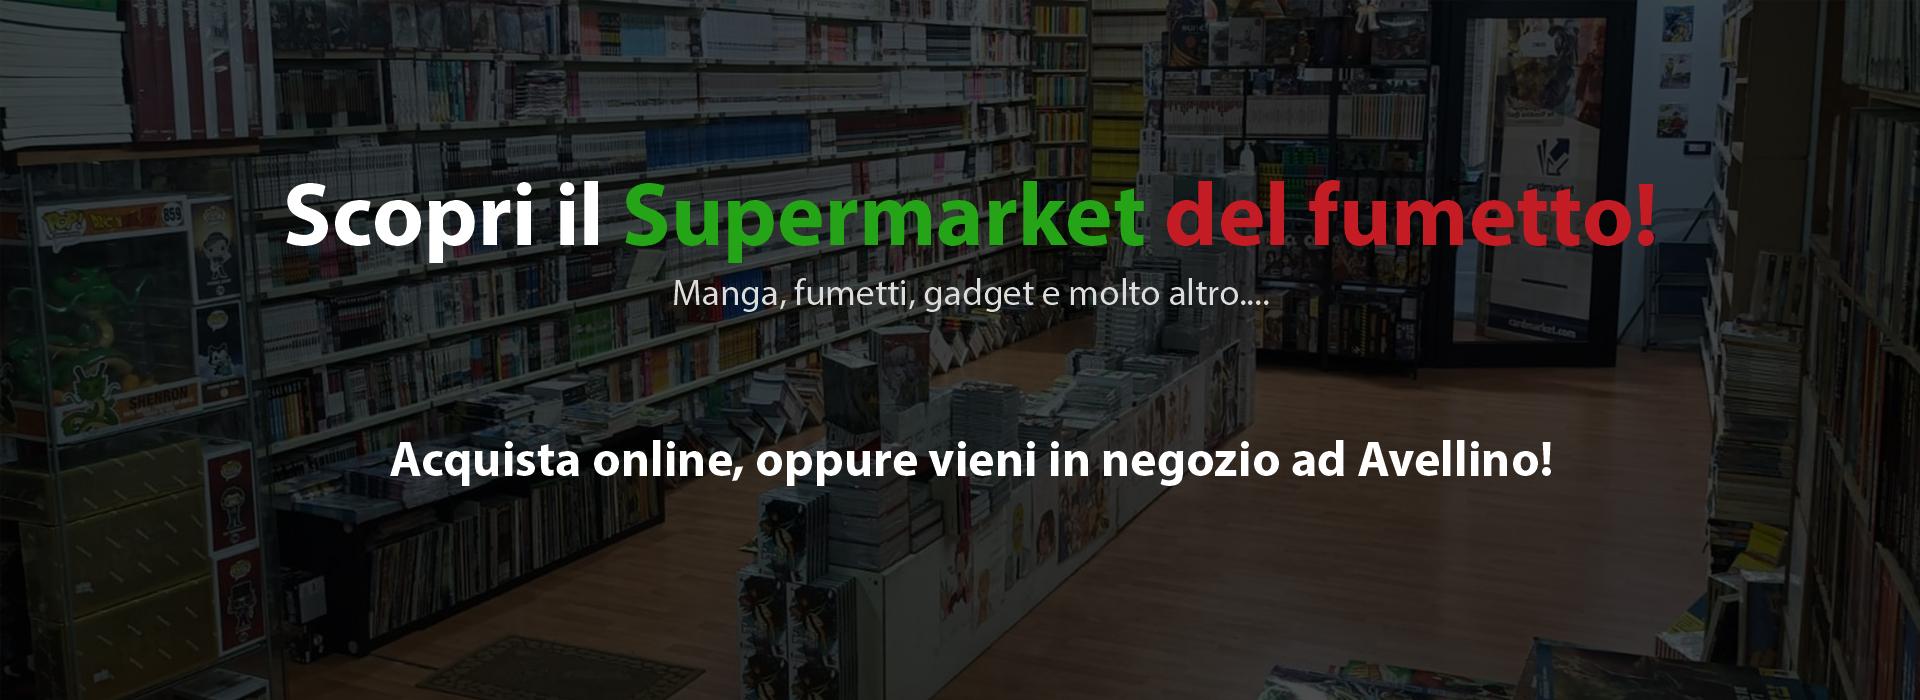 supermarket del fumetto